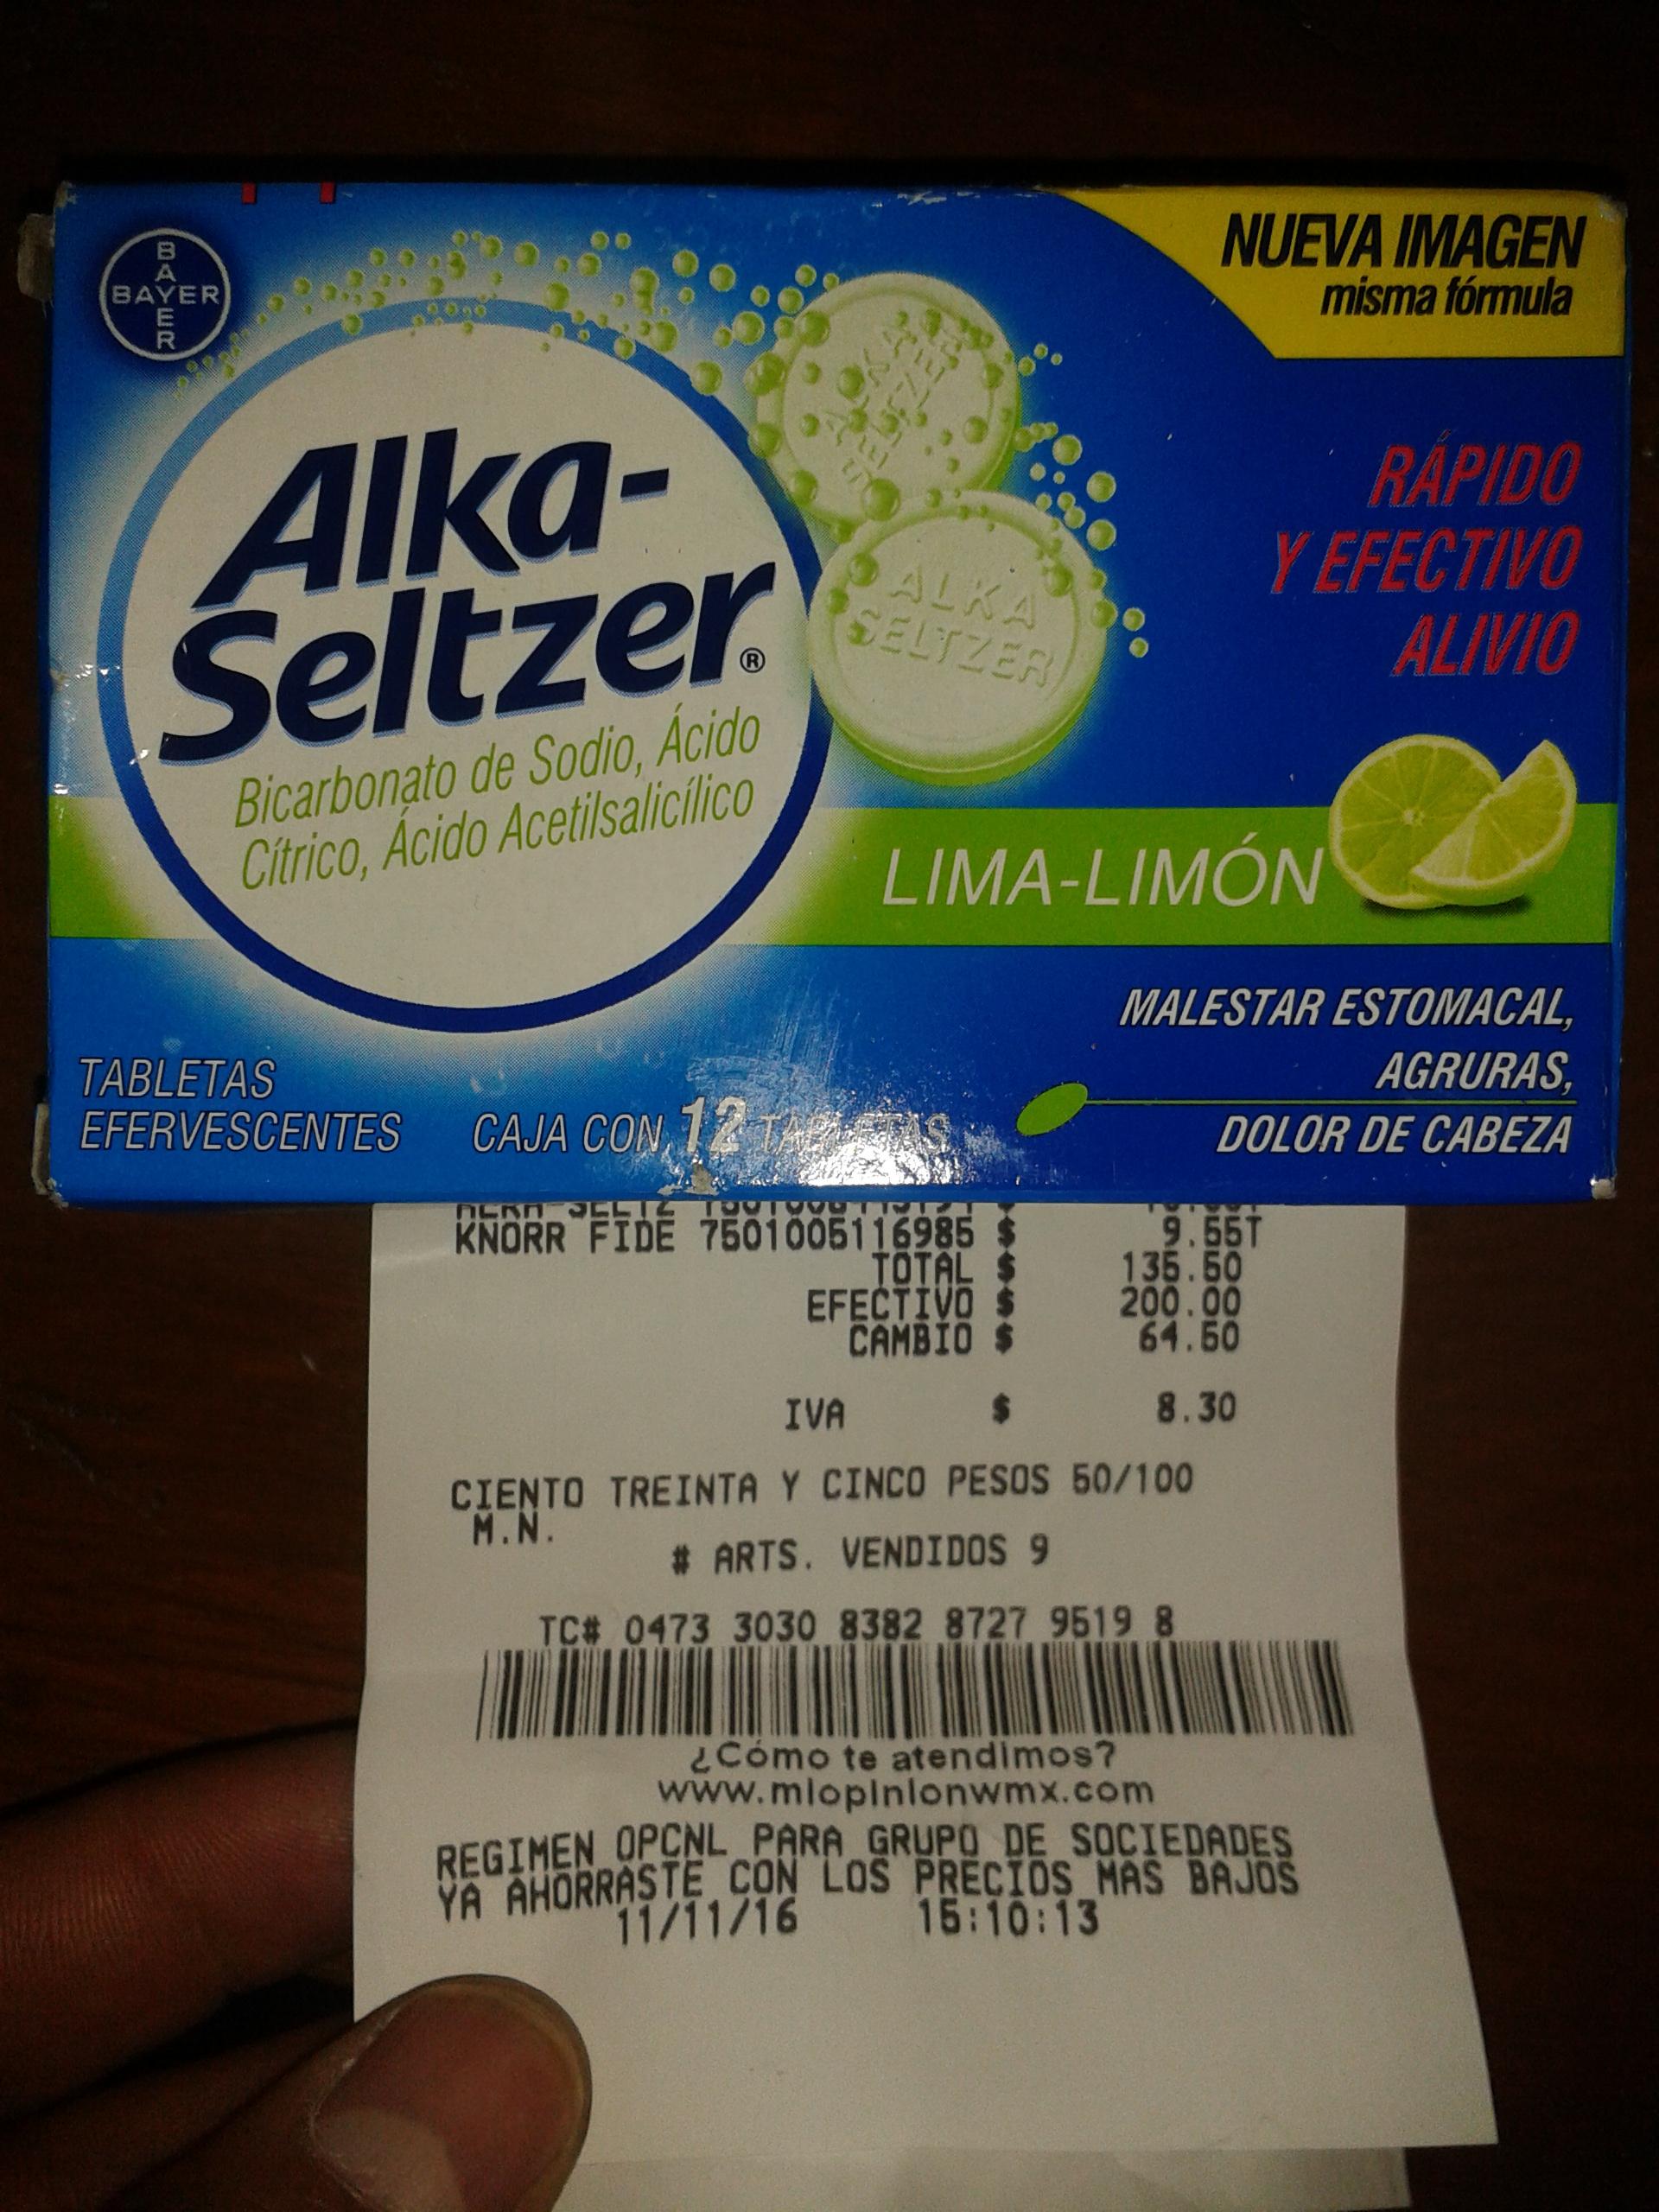 Bodega Aurrerá: Alka-Seltzer a $10 y gel Dr. Piojo a $12